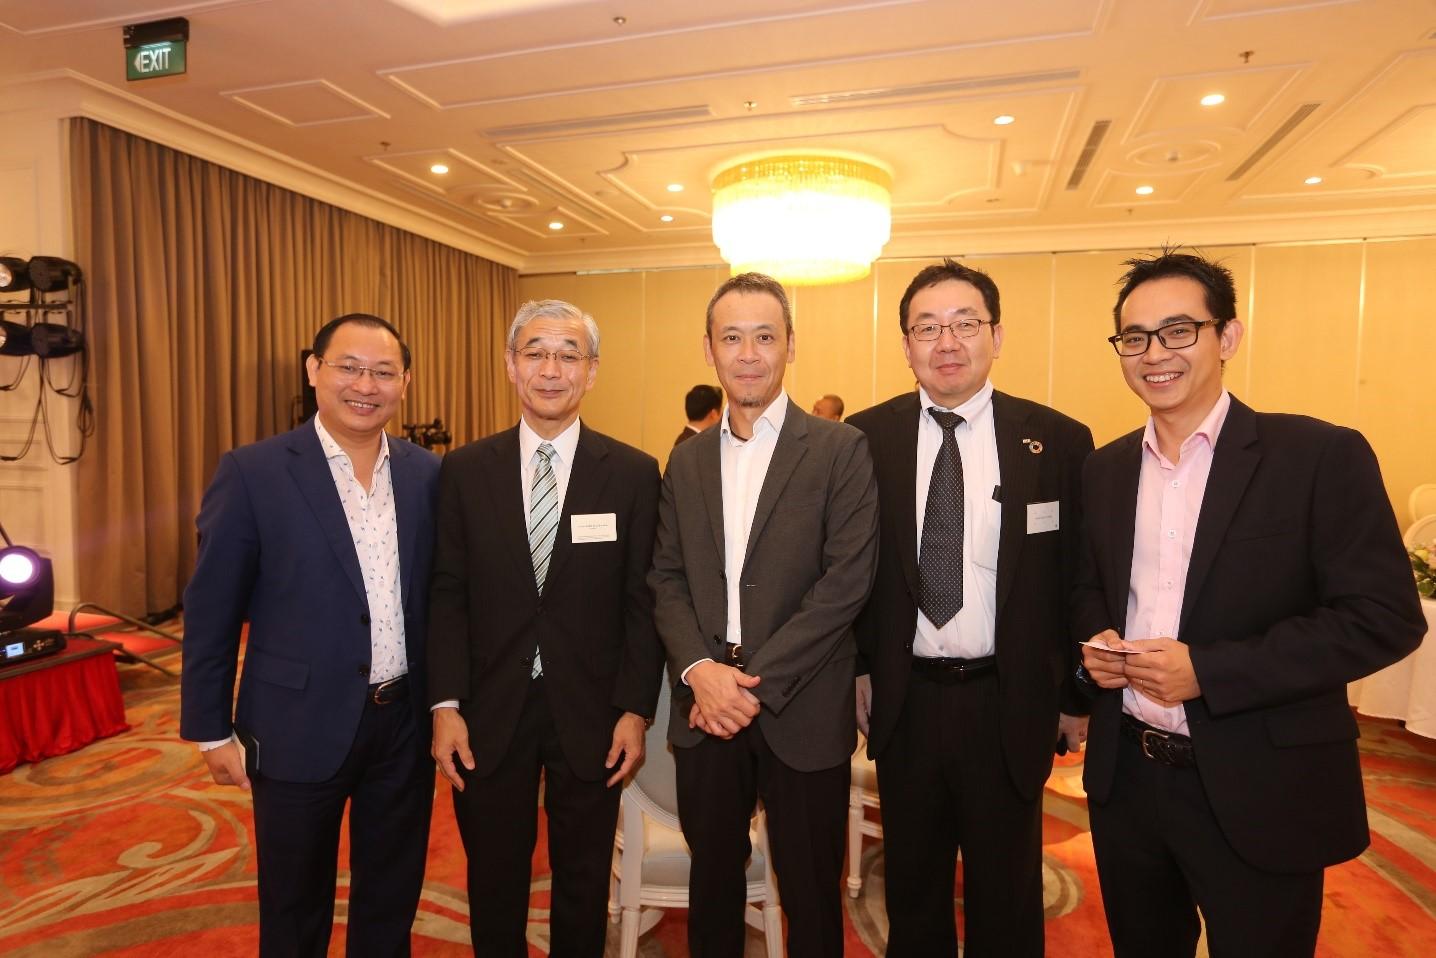 Ông Nguyễn Việt Thung (ngoài cùng bên trái), Phó Chủ tịch Thường trực HĐQT Tập đoàn TMS gặp gỡ đại diện các doanh nghiệp Nhật Bản tại sự kiện